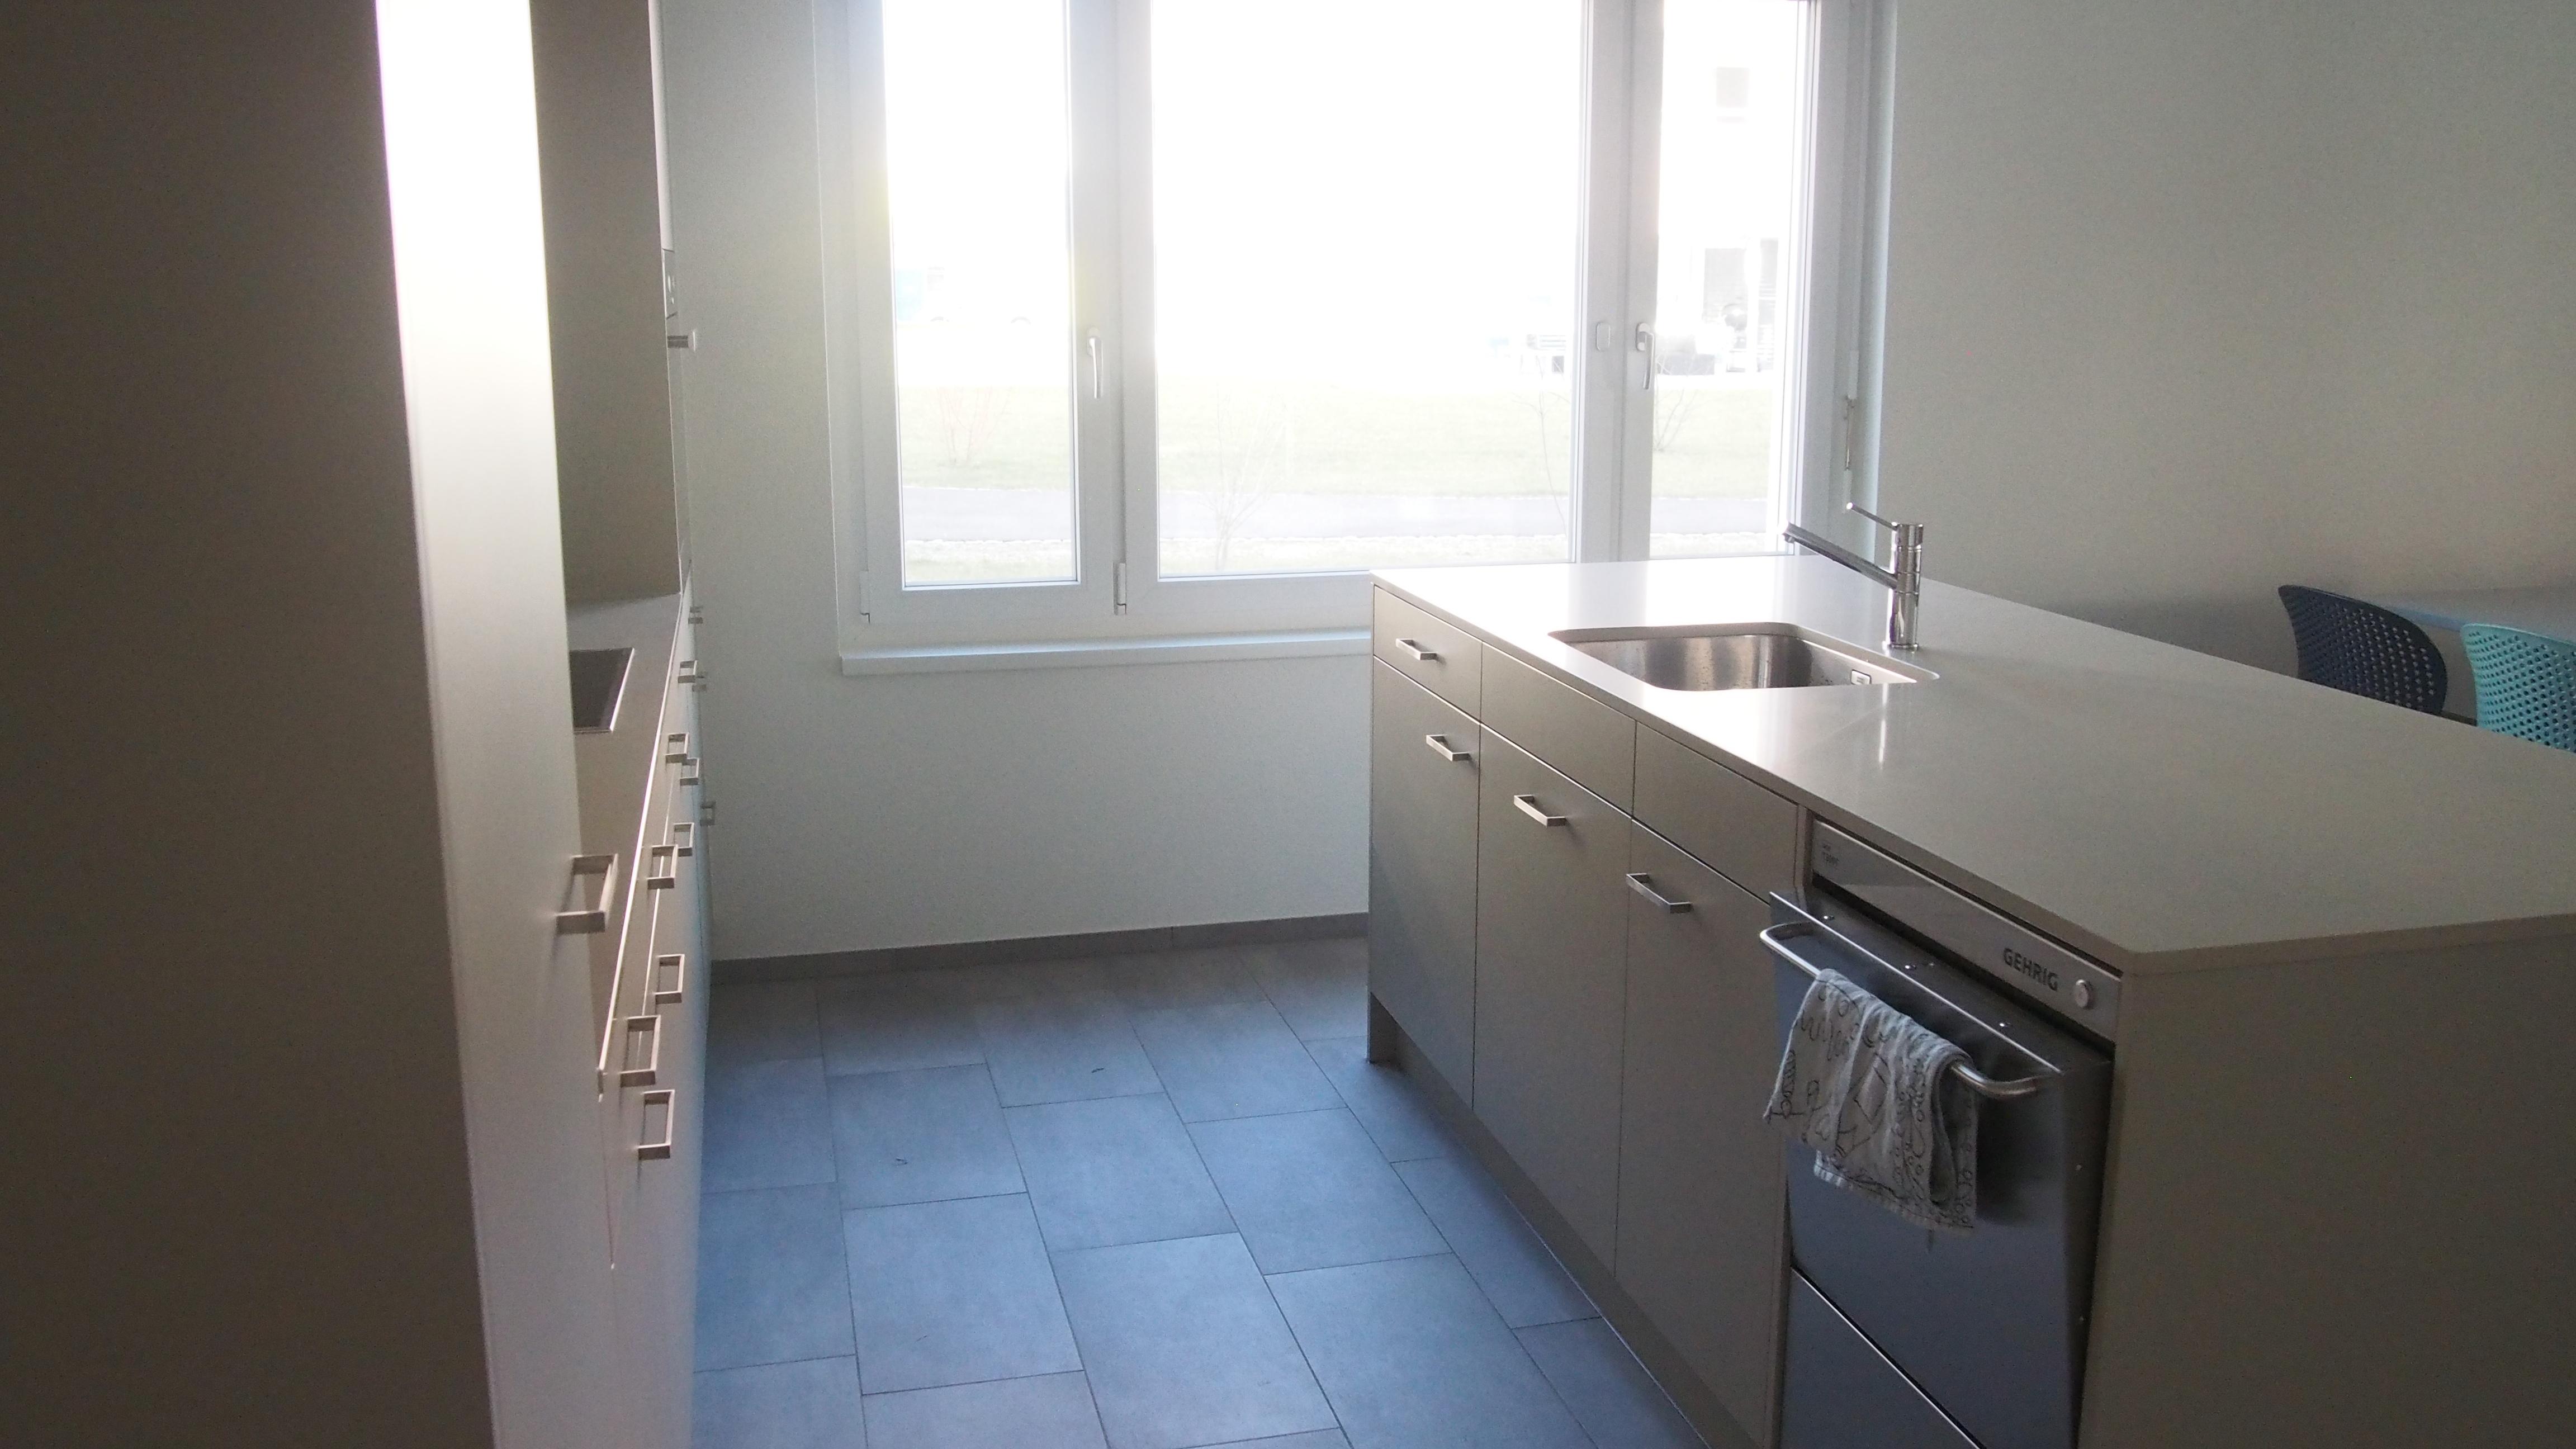 Küche mit Gastro-Geschirrspülmaschine